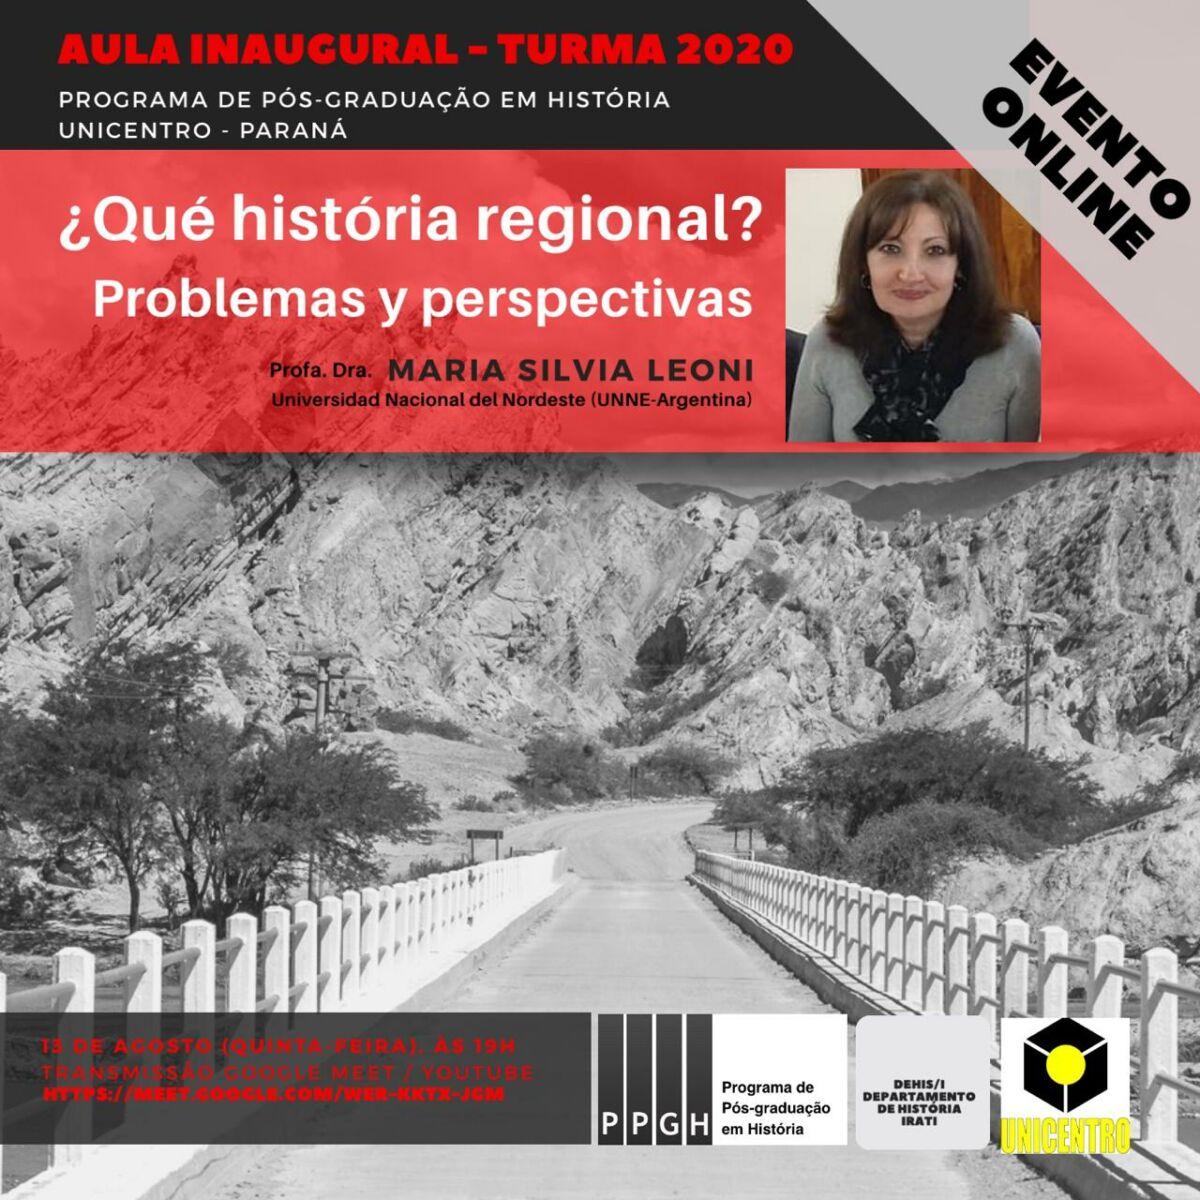 História Regional é tema de aula inaugural do Programa de Pós-Graduação em História